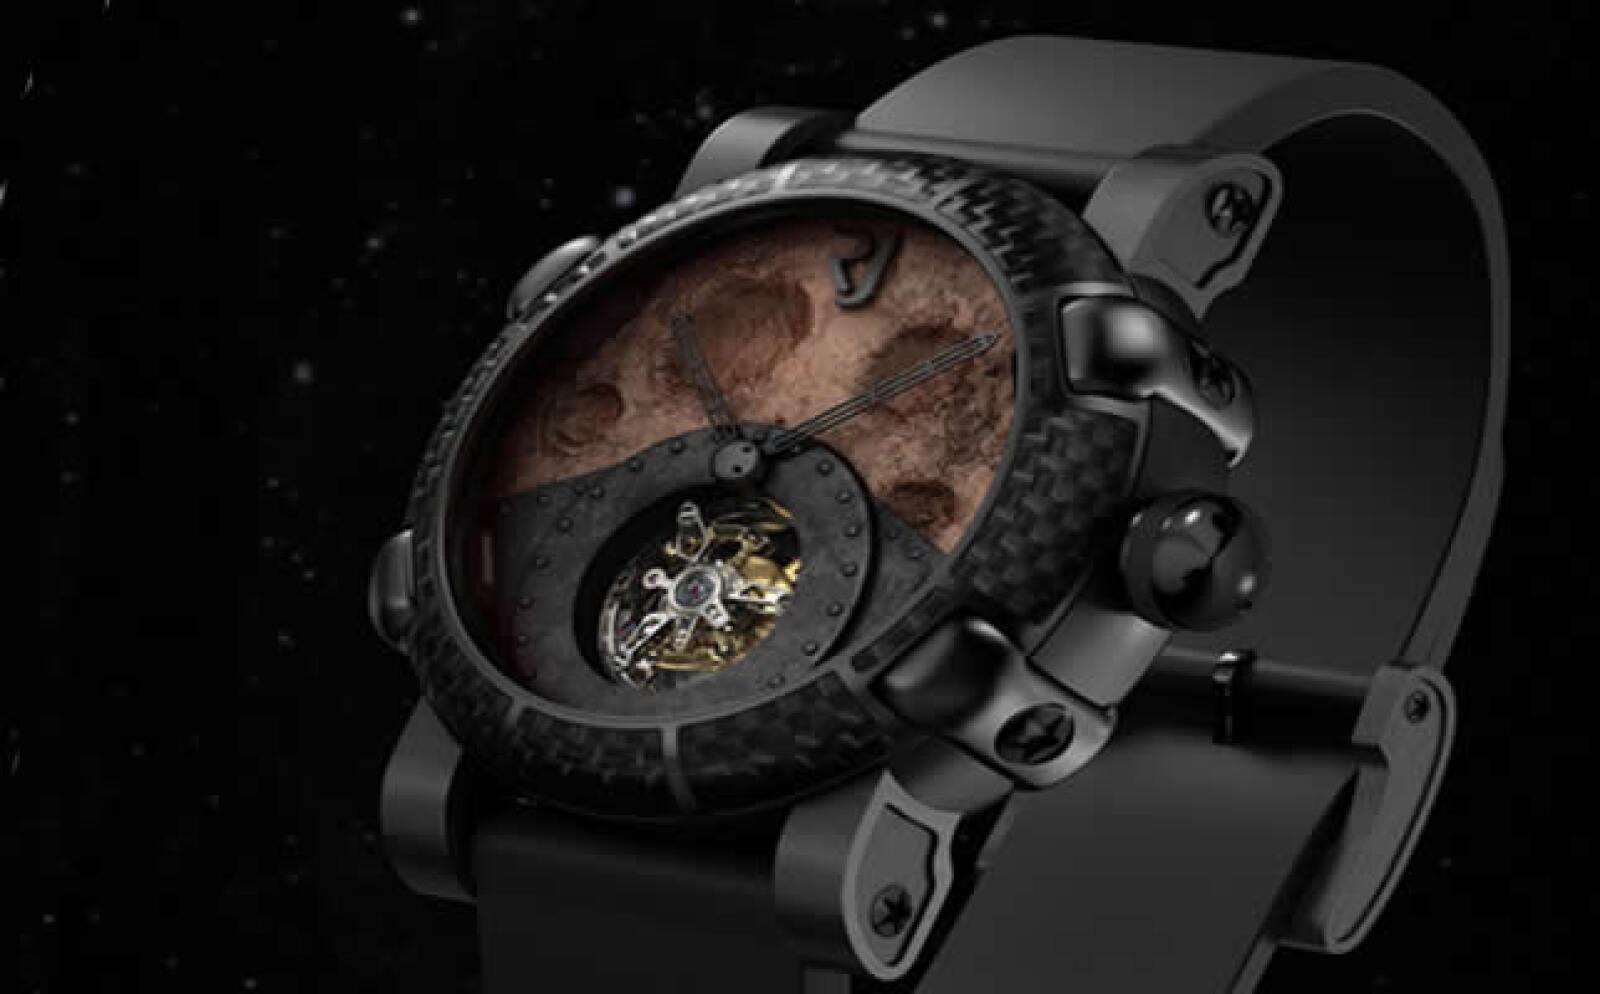 El mirar tu reloj serça como ver las fases lunares día a día.